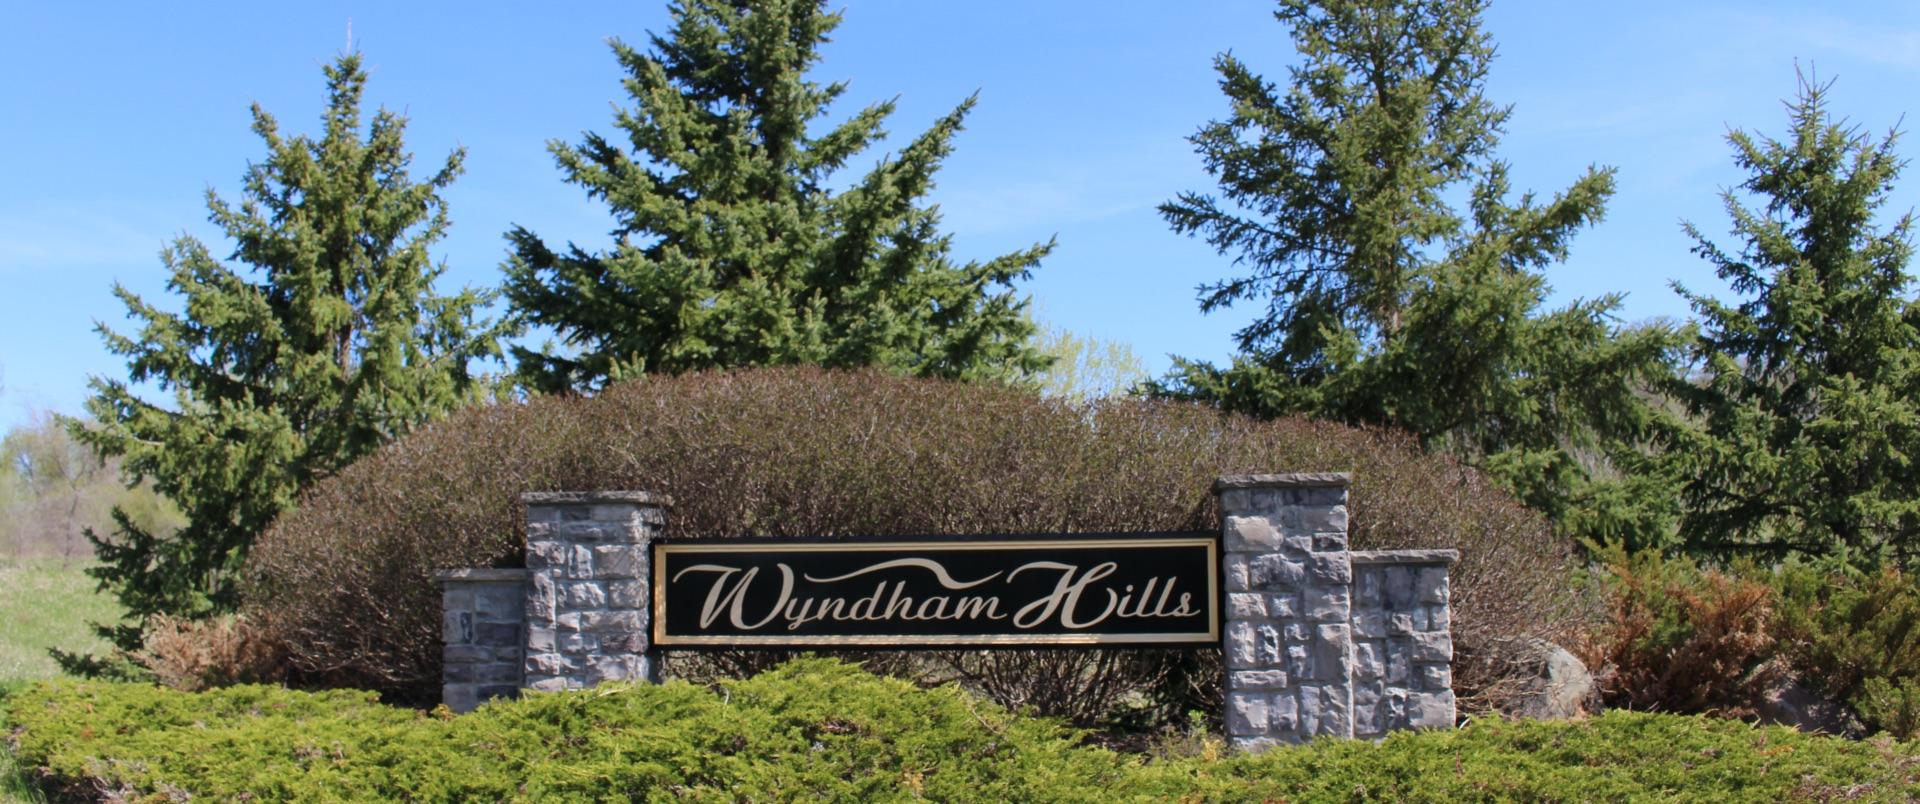 Wyndham Hills Development - Hastings Premier Developement